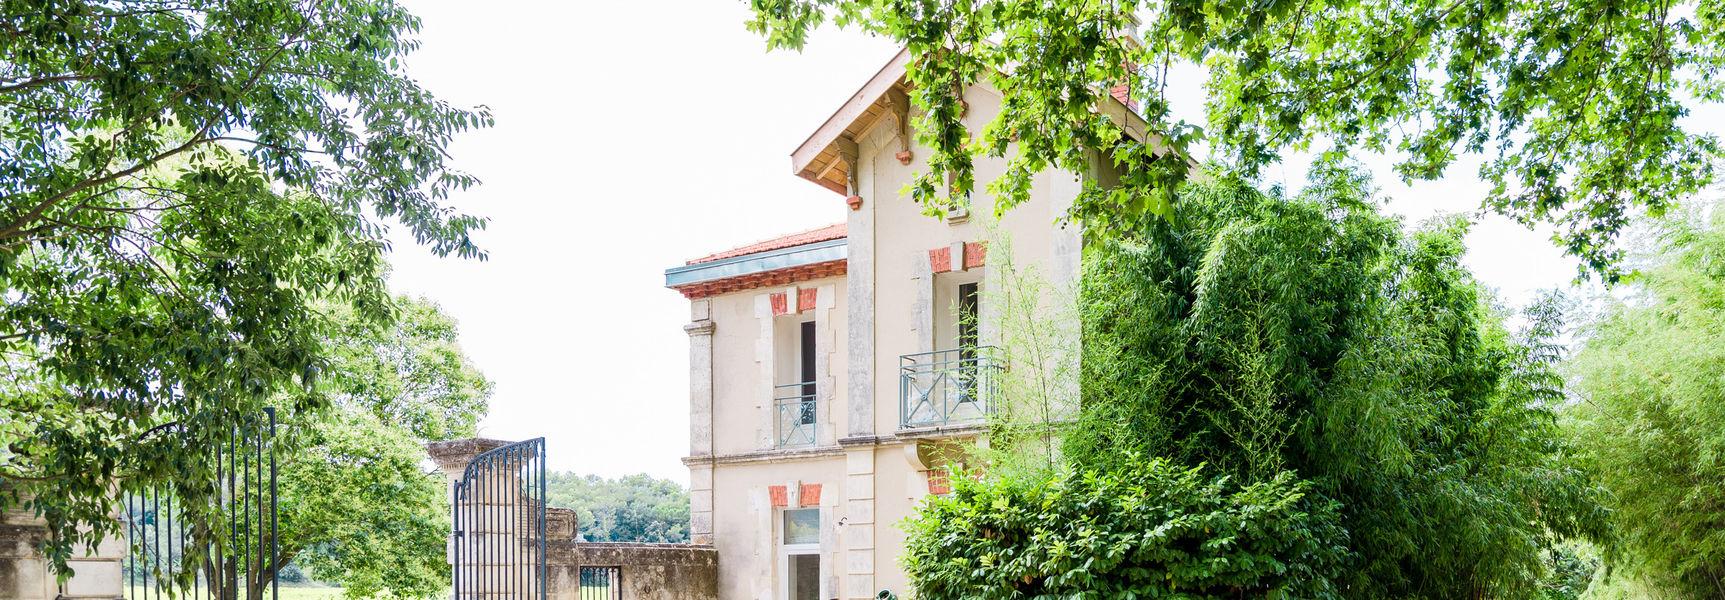 Chateau de Montcaud 15